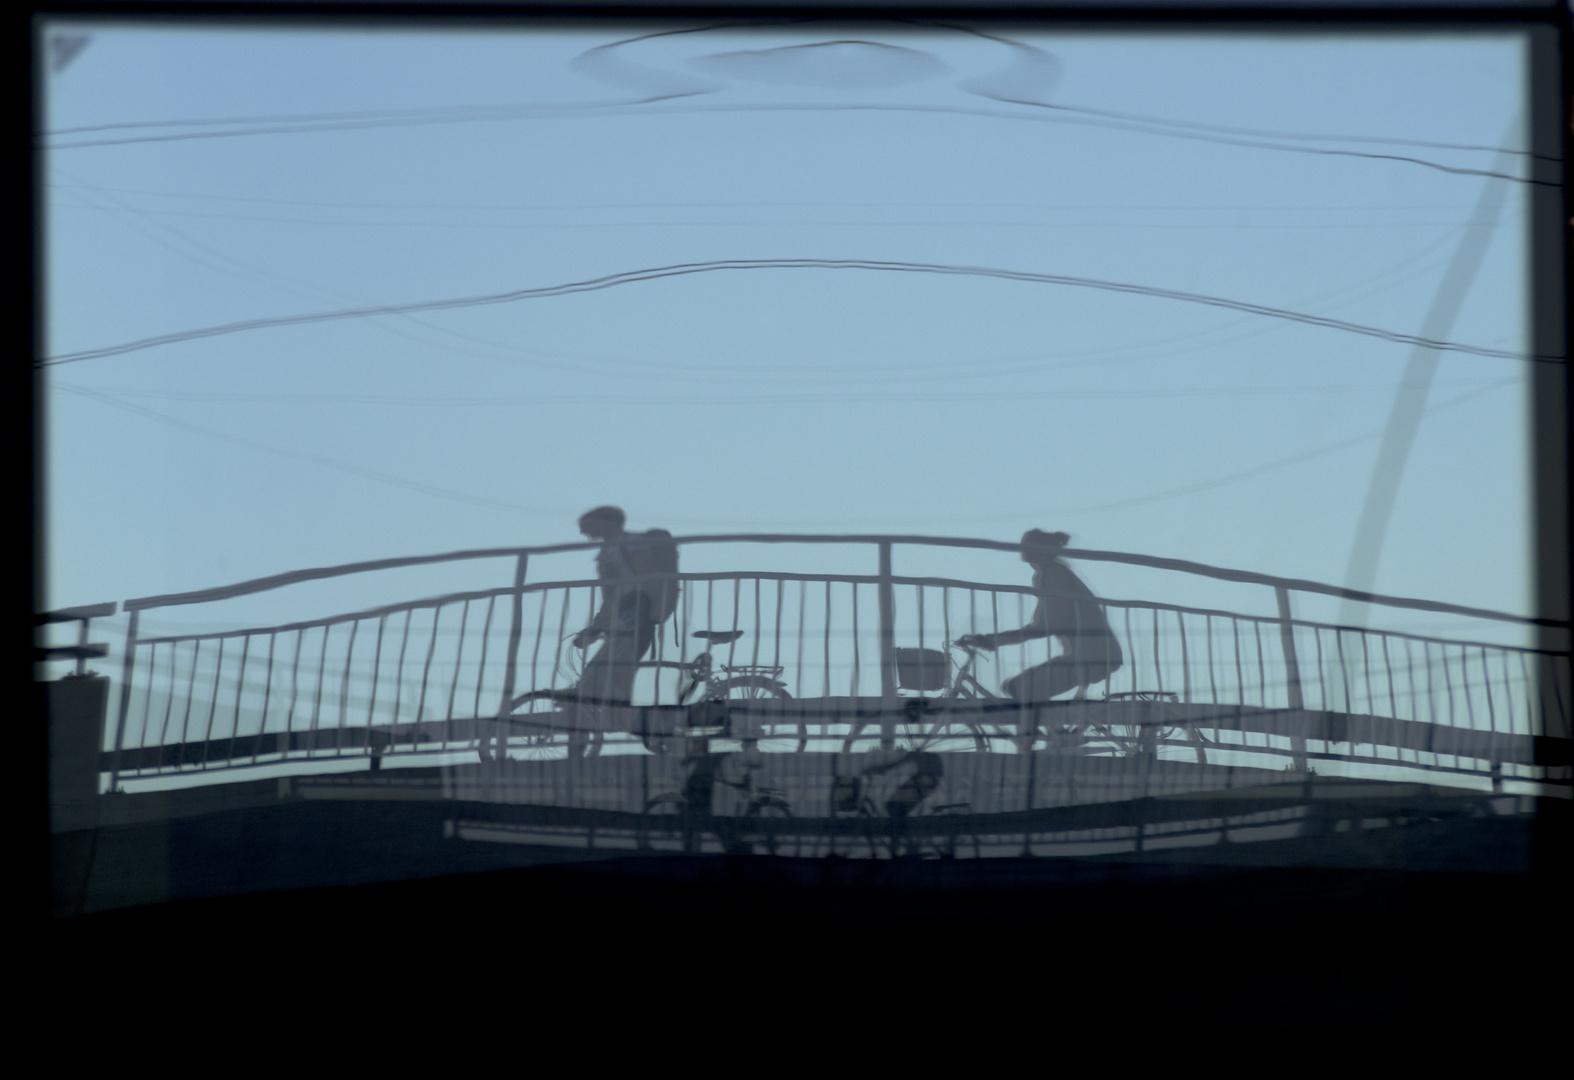 Biker im Spiegelbild